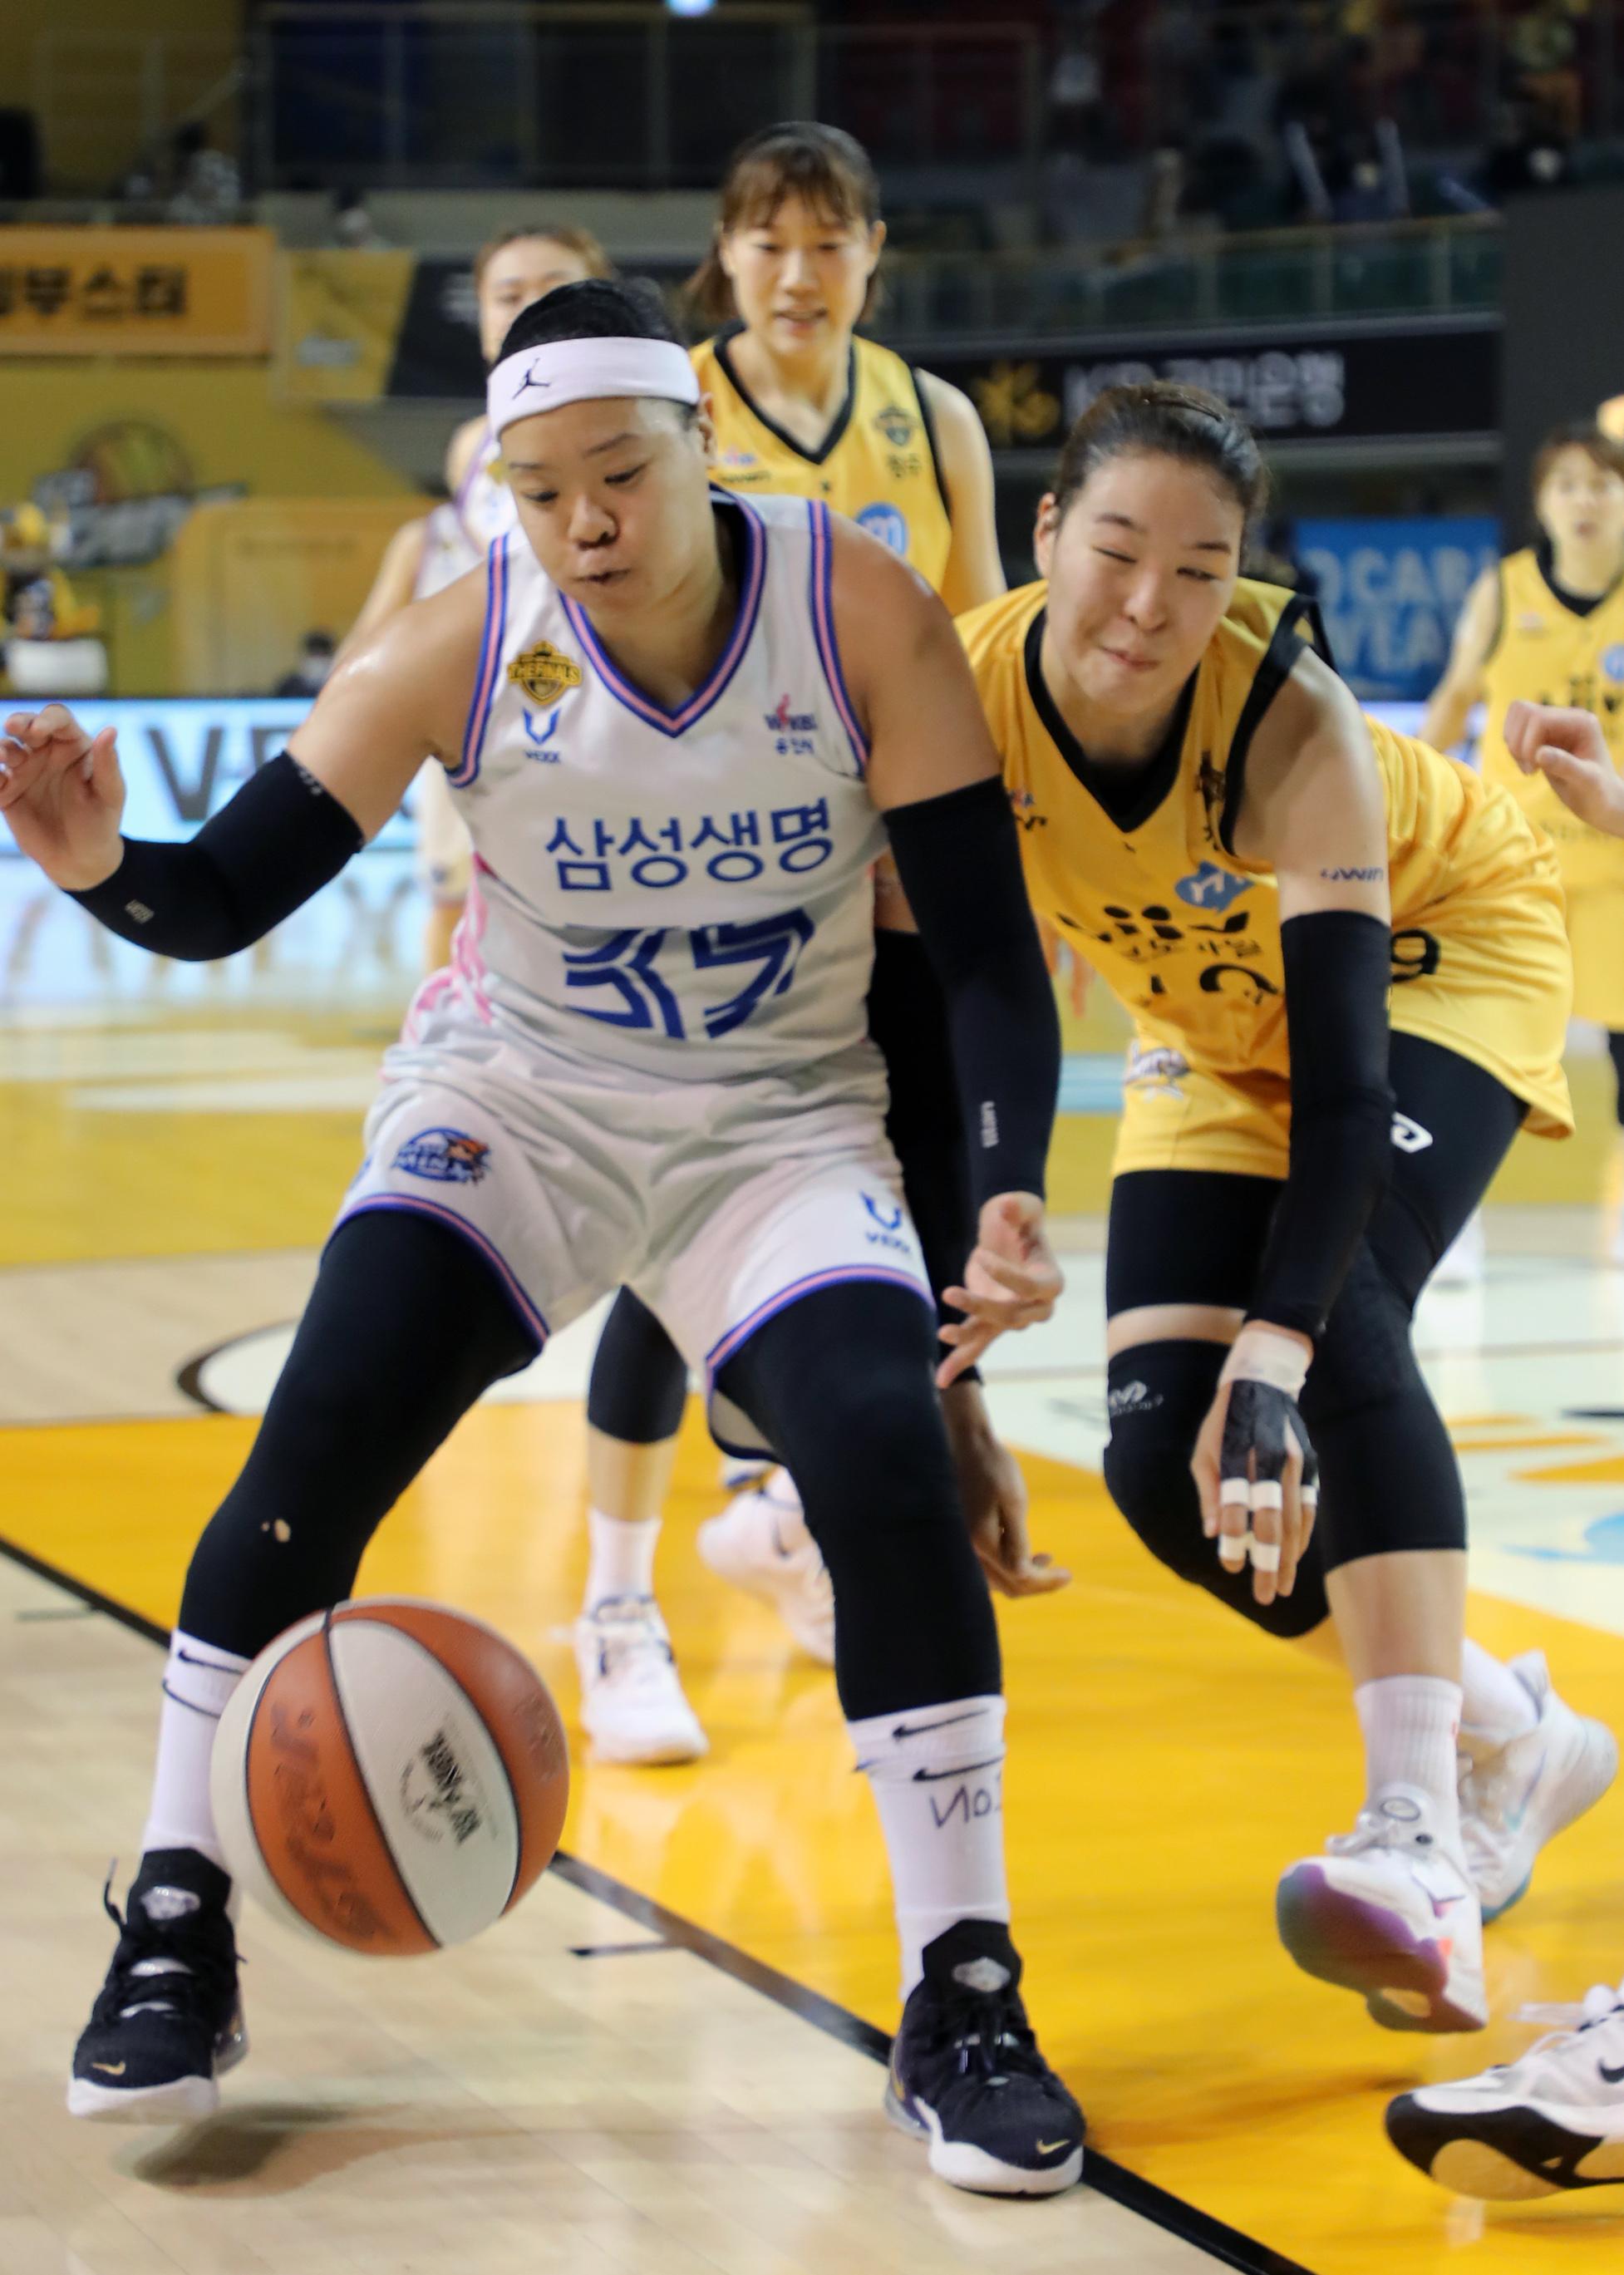 여자농구 챔프전에서 공다툼을 펼치는 삼성생명 김한별(왼쪽)과 KB 박지수. [뉴스1]